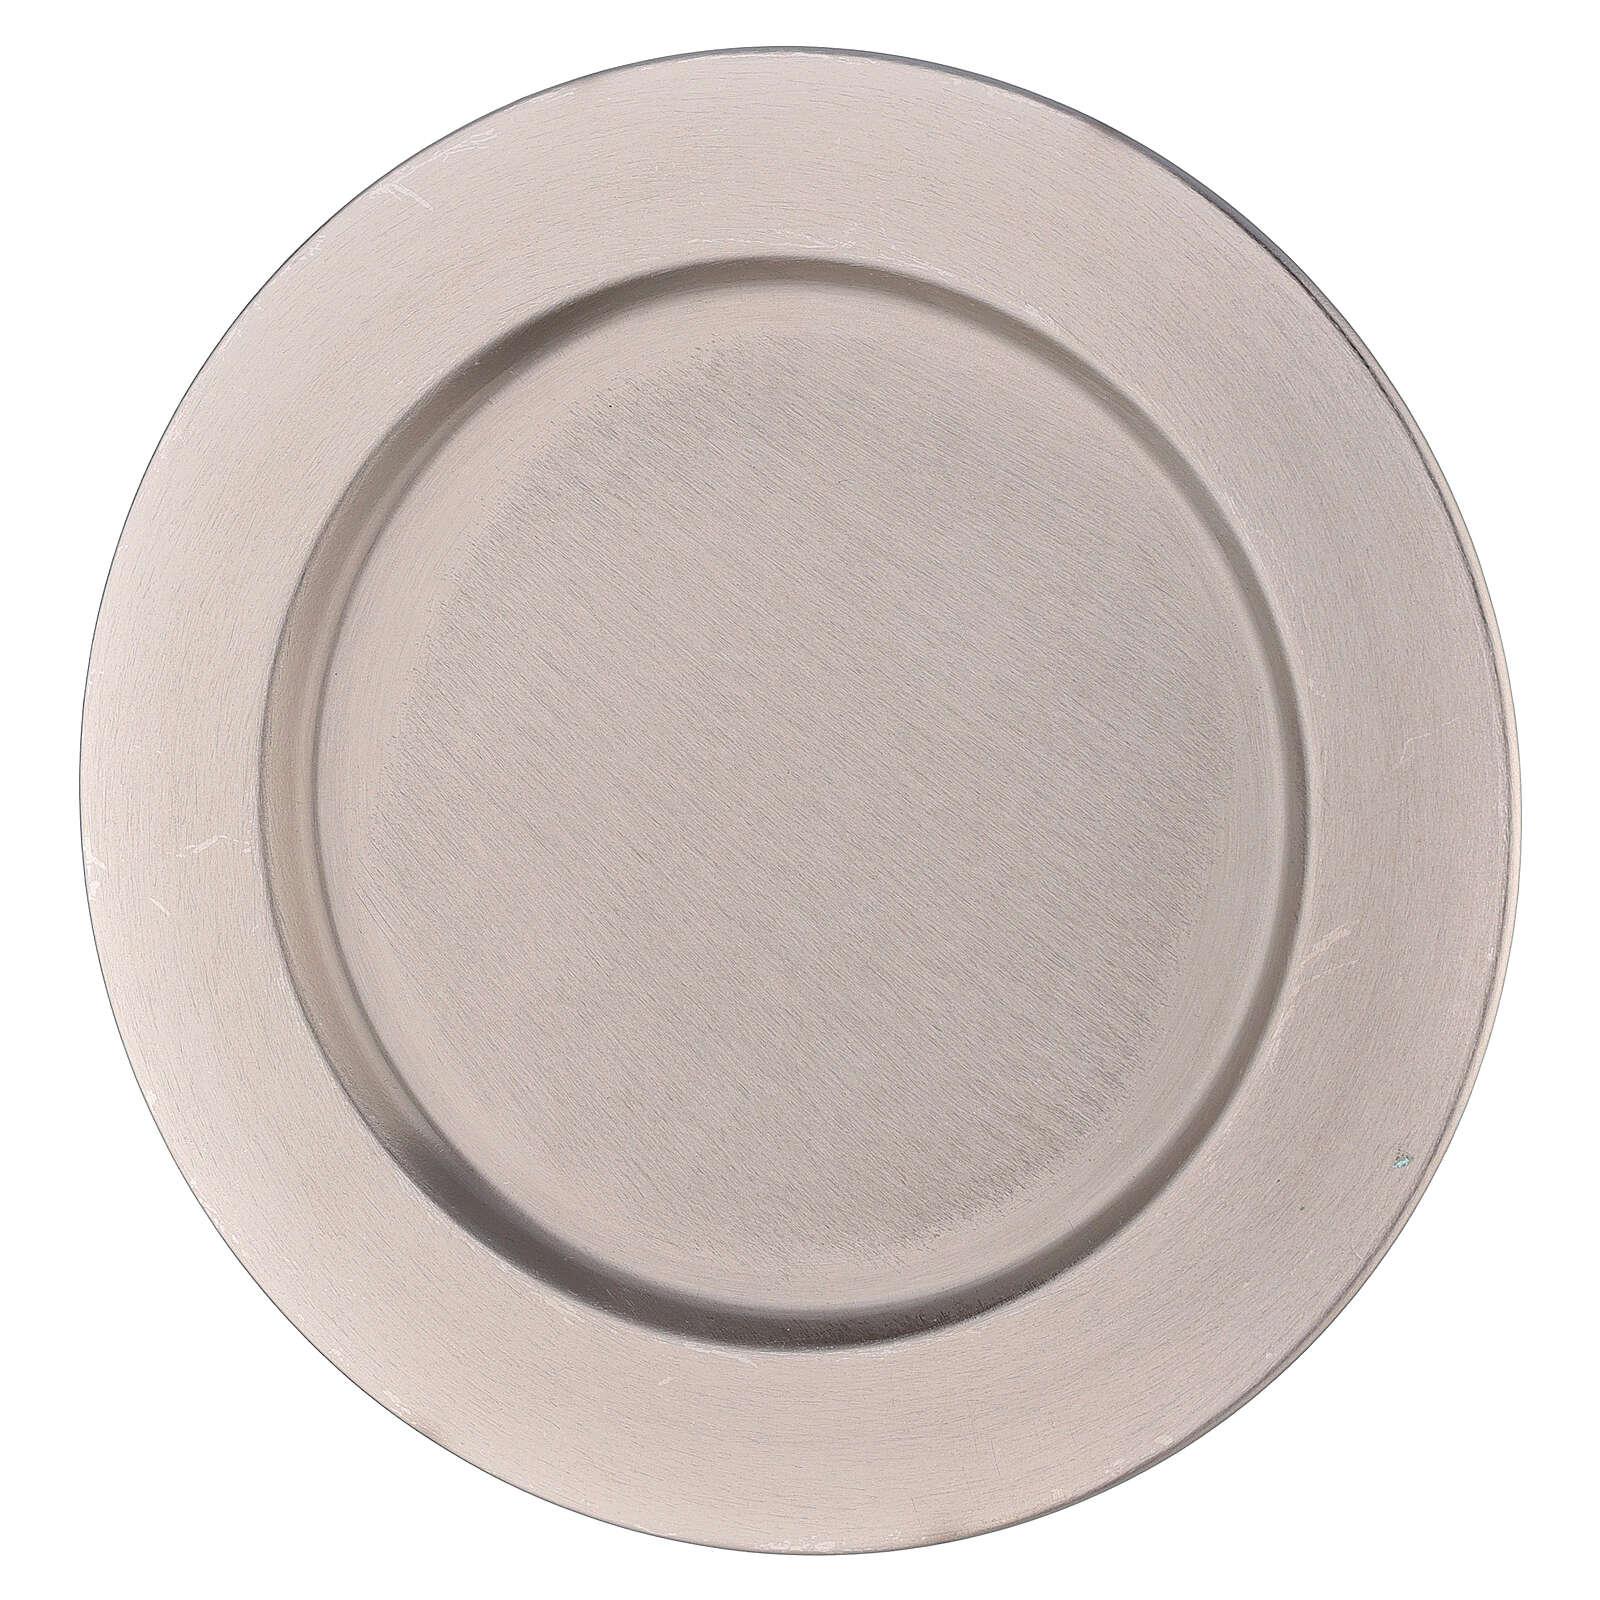 Piatto portacandela bordo spesso ottone nichelato d. 21 cm 3